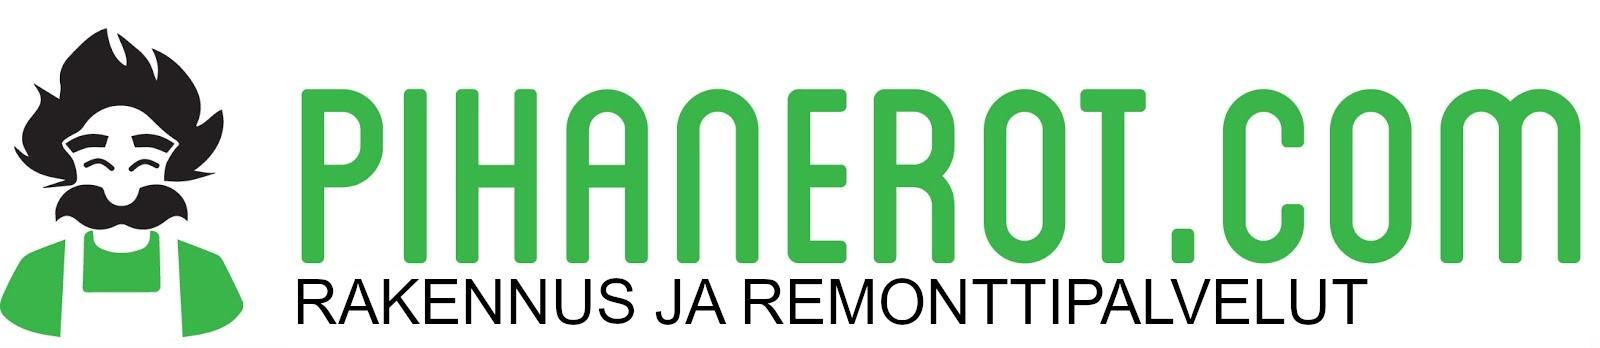 Pihanerot.com